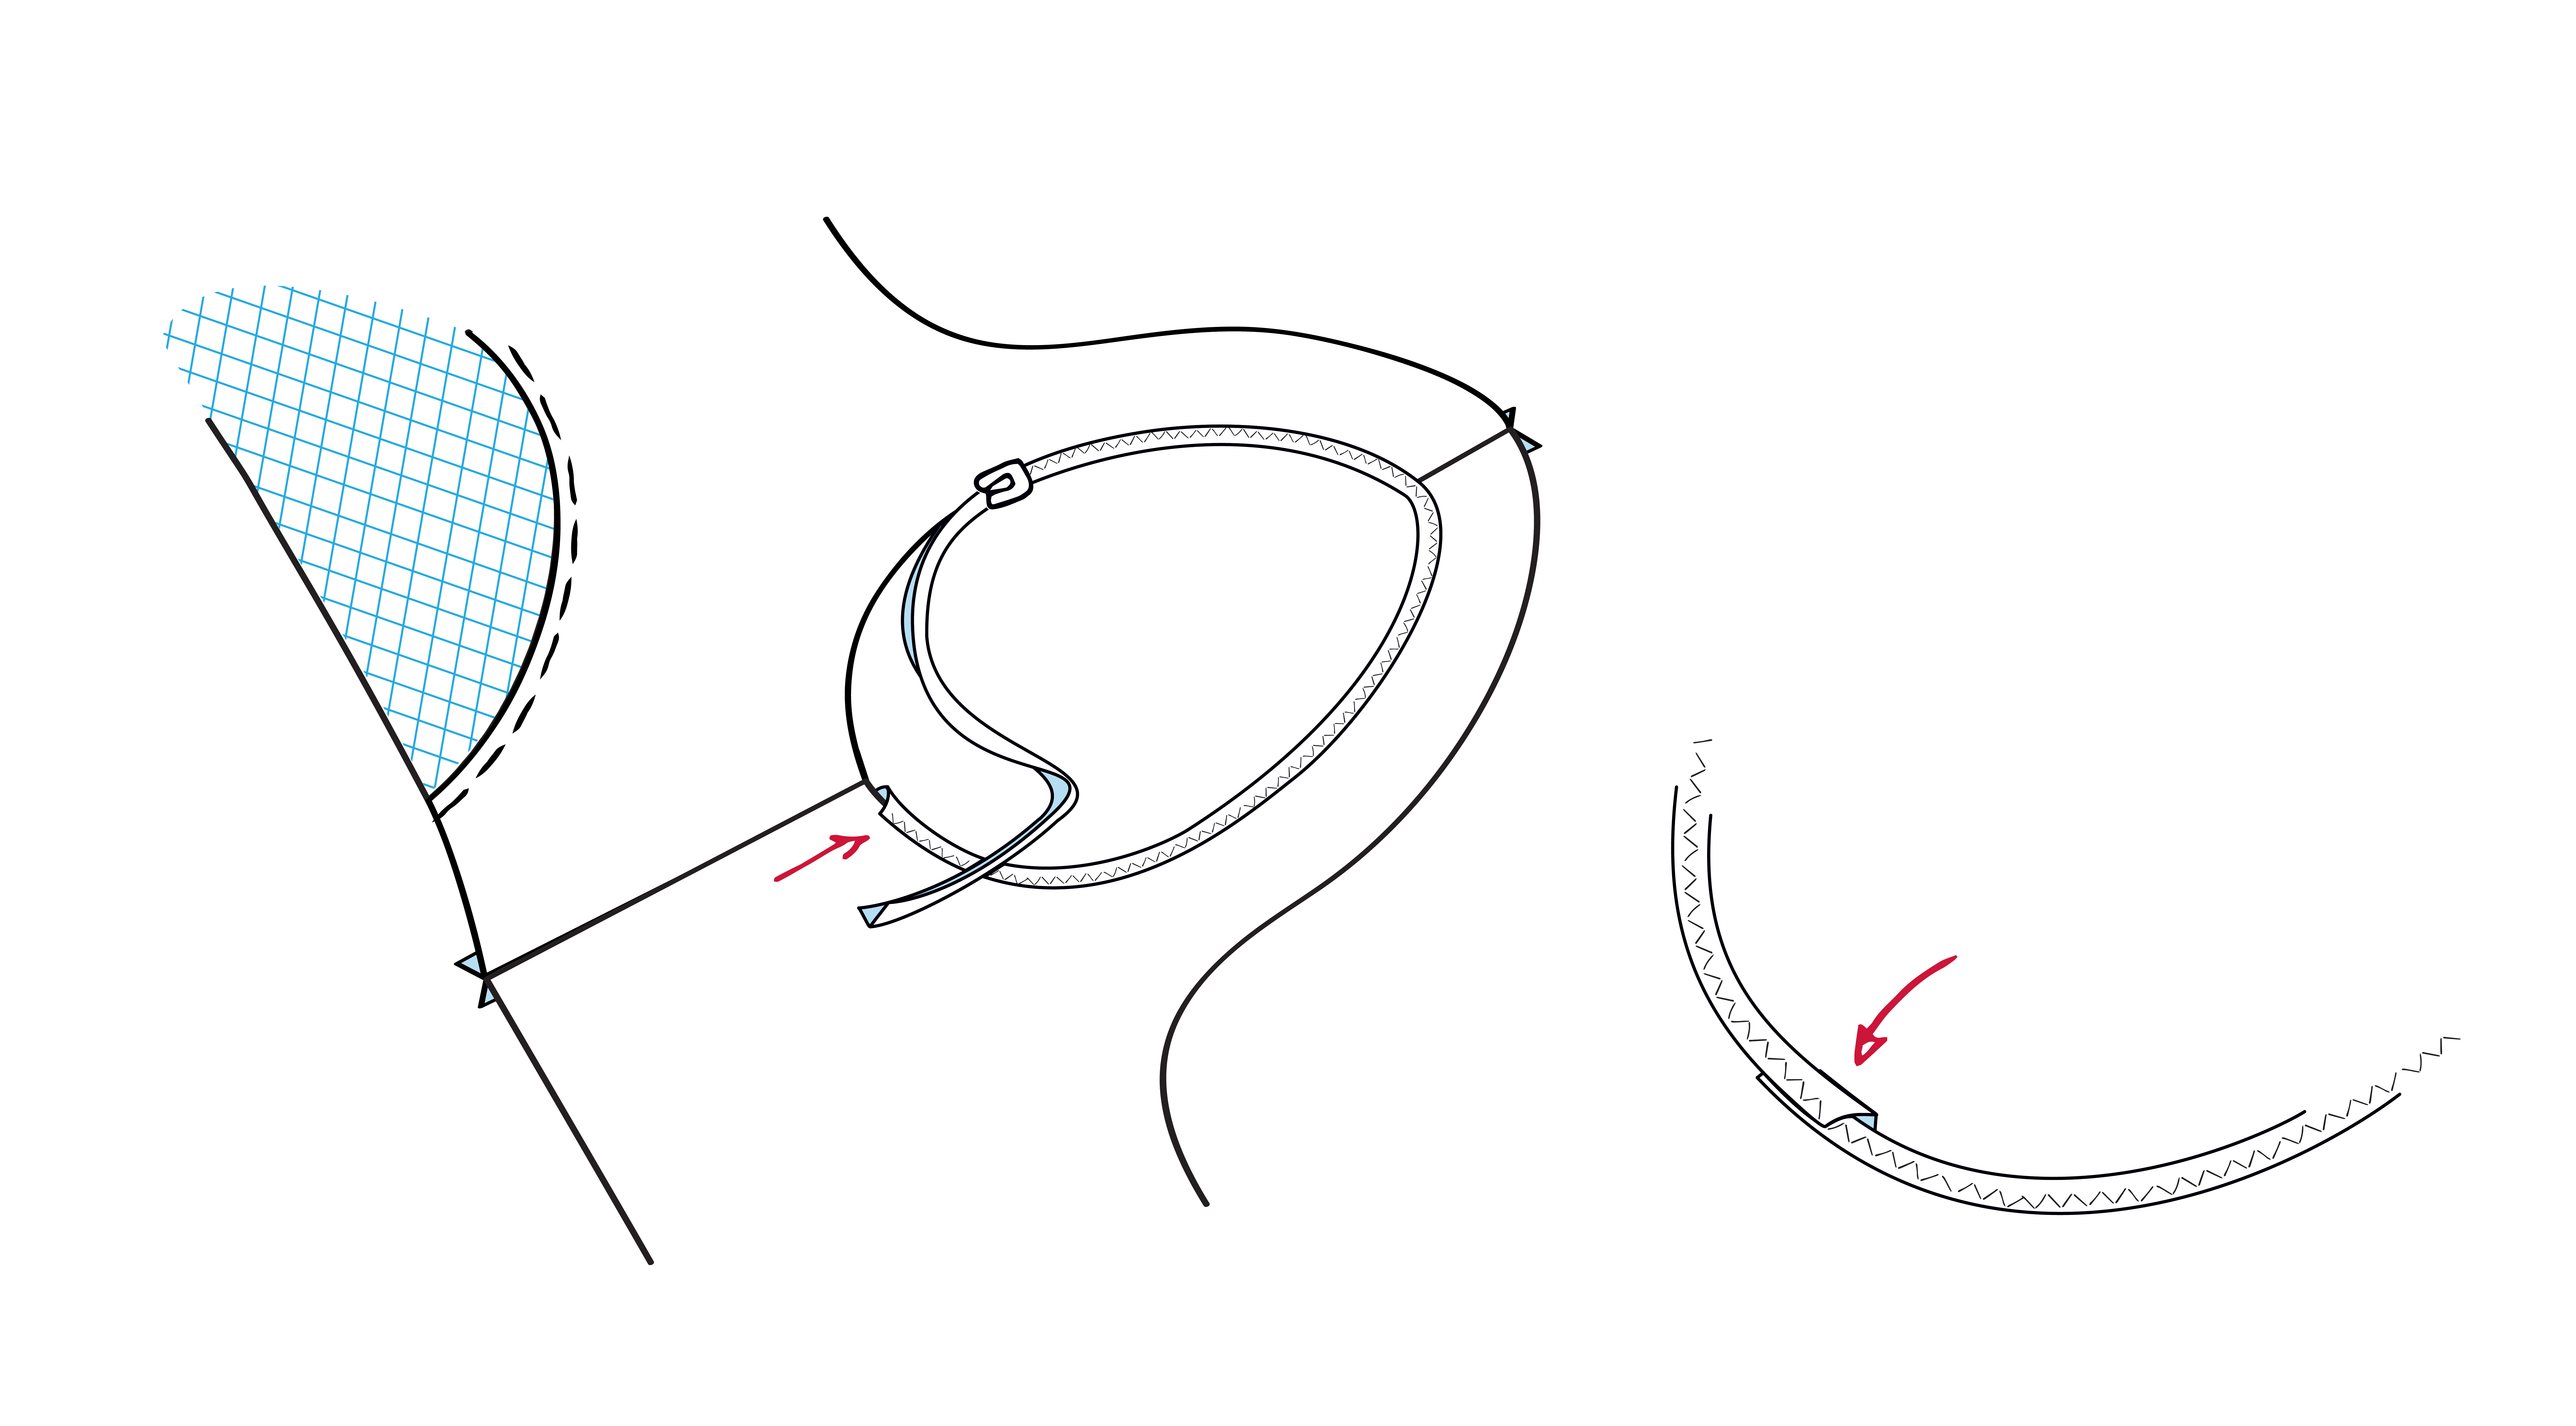 Das Armloch kann mit offenem Falzband eingefasst werden, indem es am Ende etwas überlappt